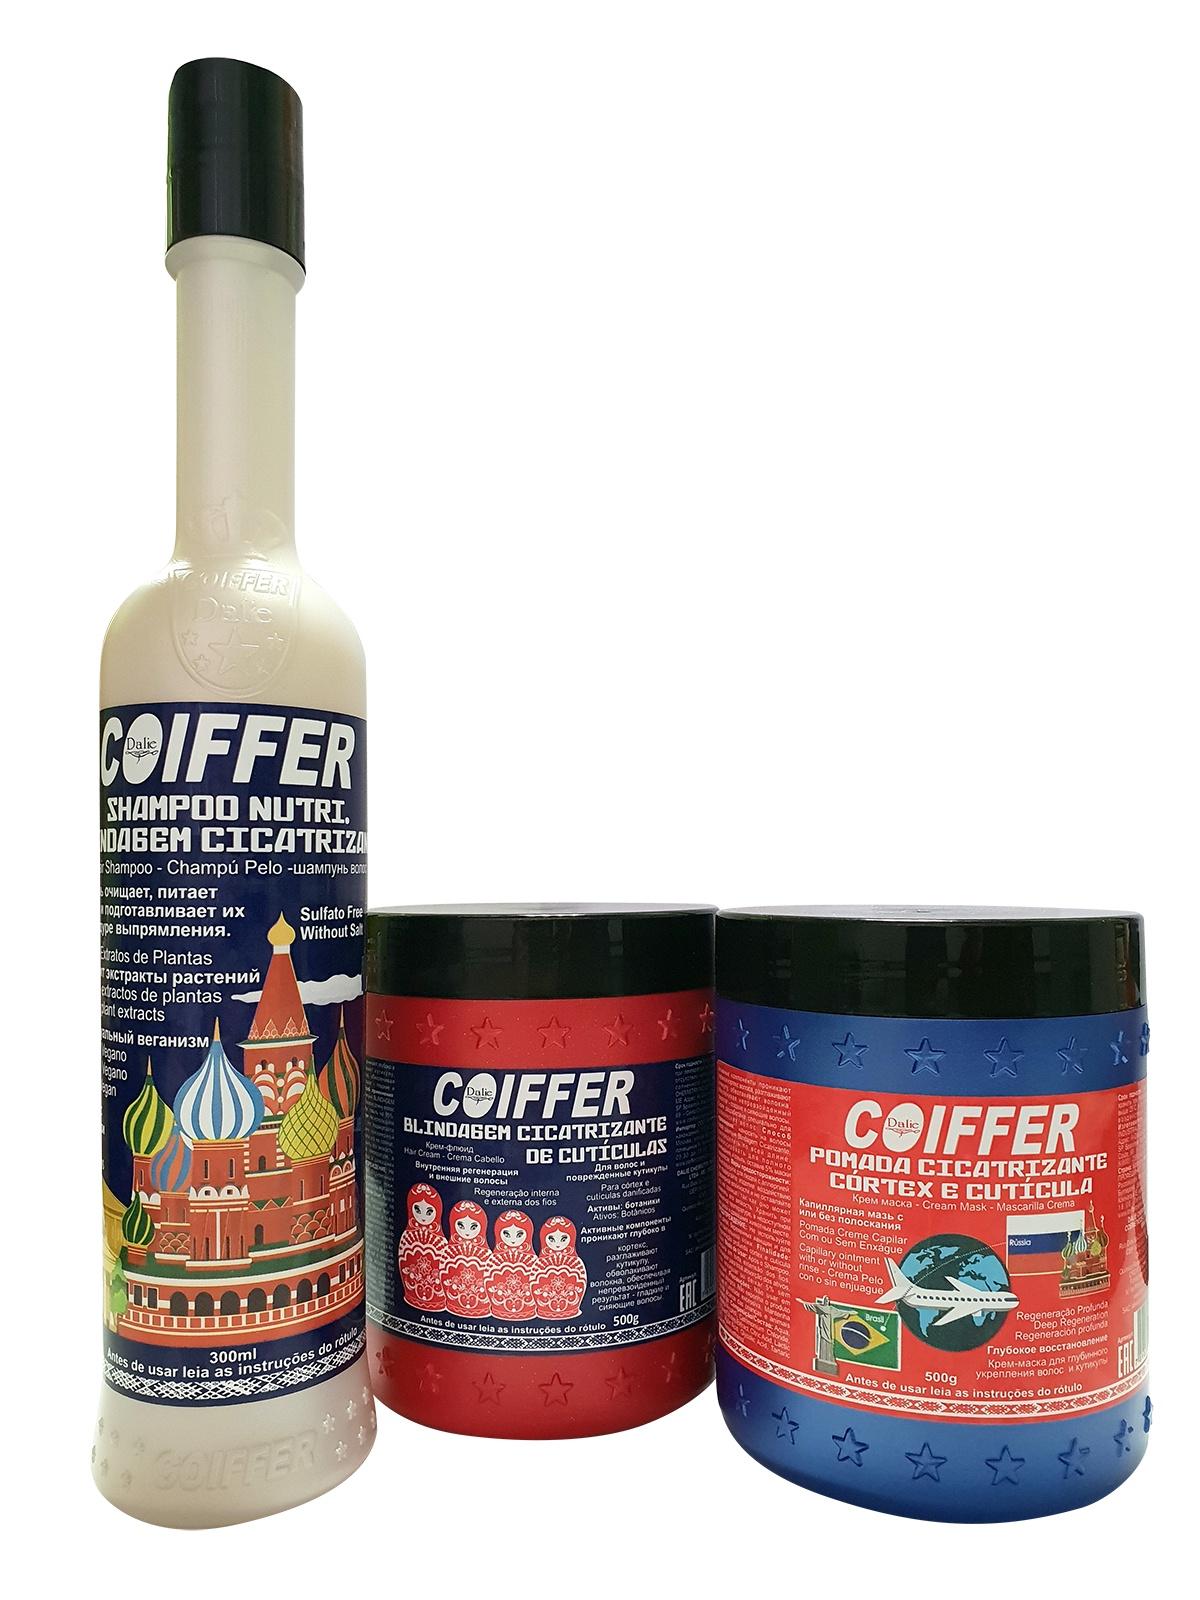 Набор для волос Coiffer RUSSIA (шампунь, крем-флюид, крем-маска), 2х500 г+300 мл крем для волос сoncept 1512 34115